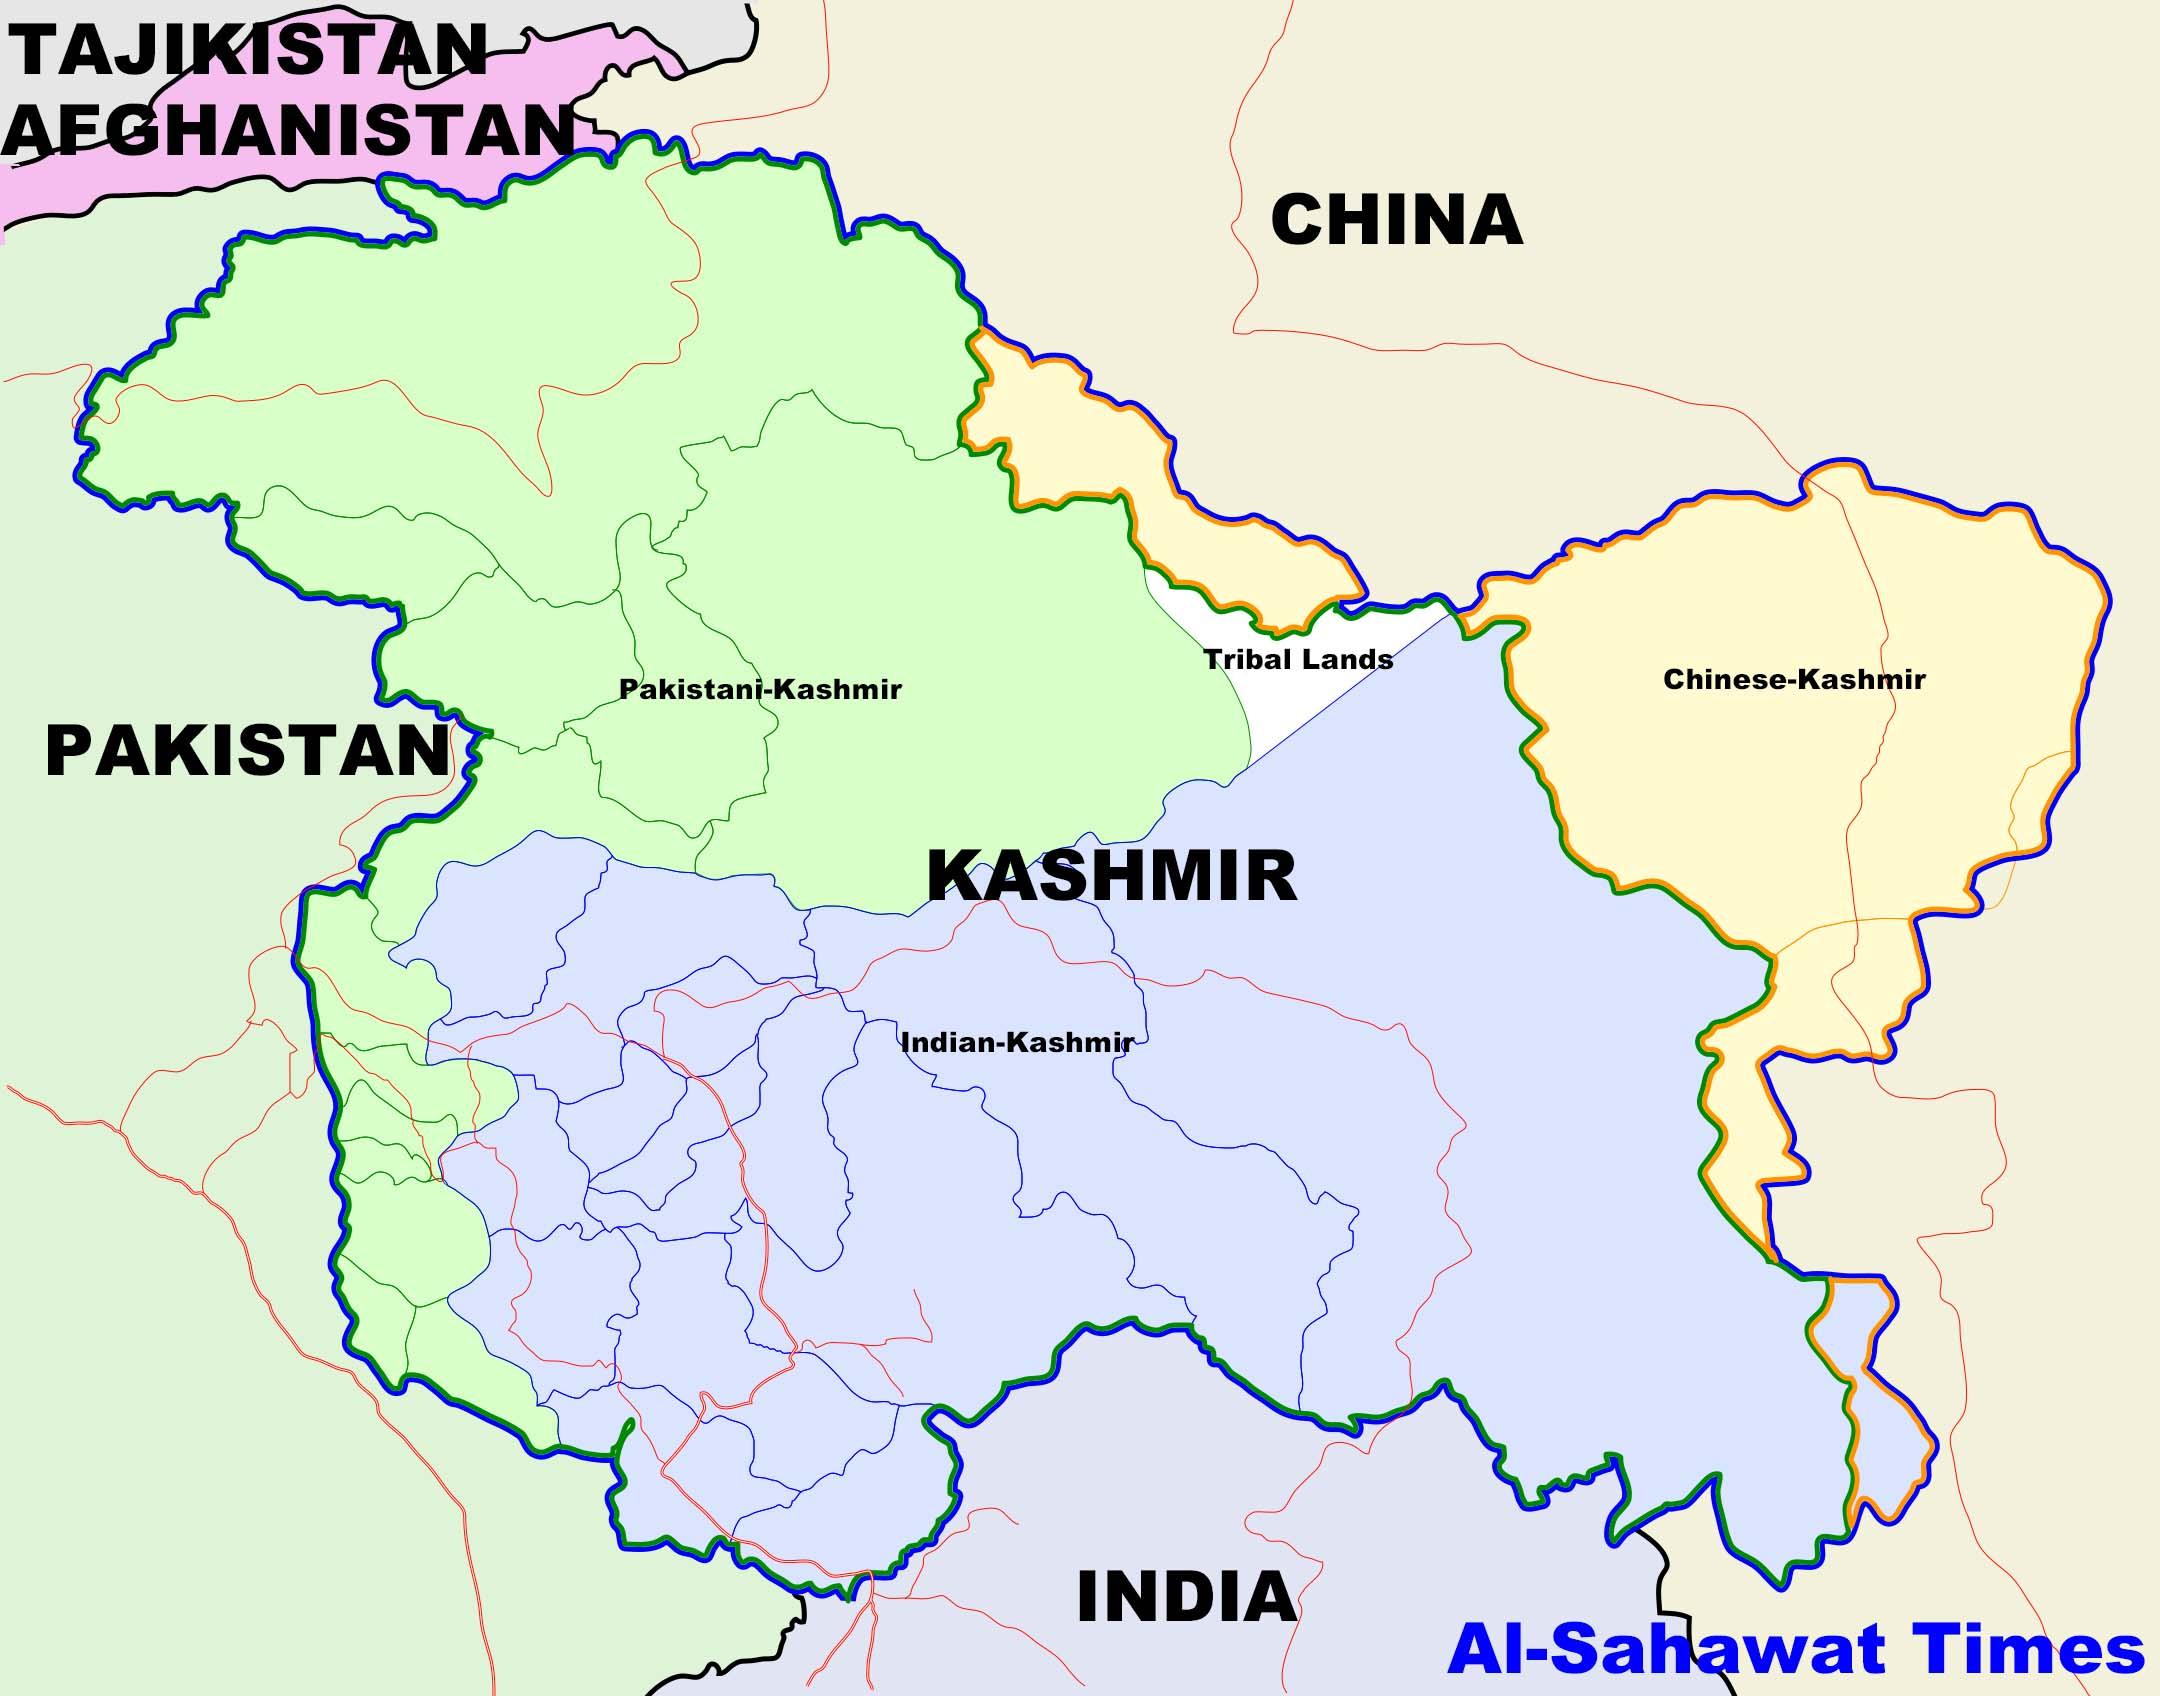 Al-Sahawat times - Kashmir Map